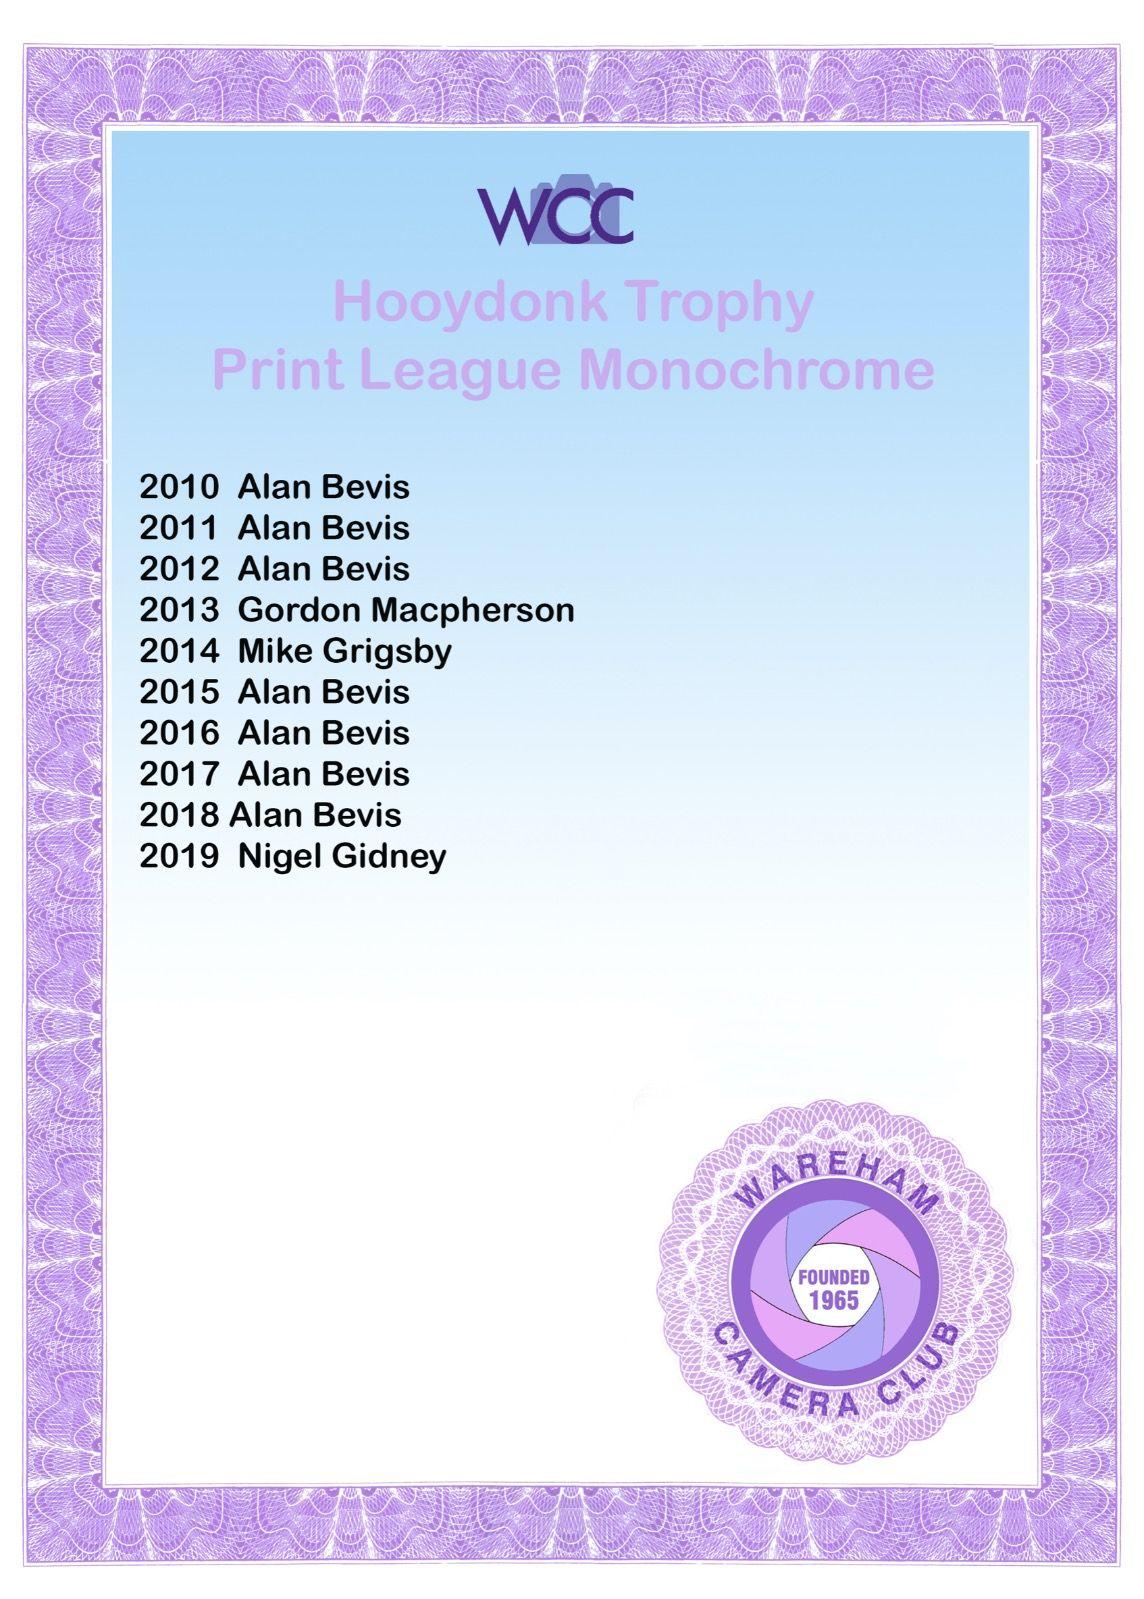 Hooydonk Trophy Certificate